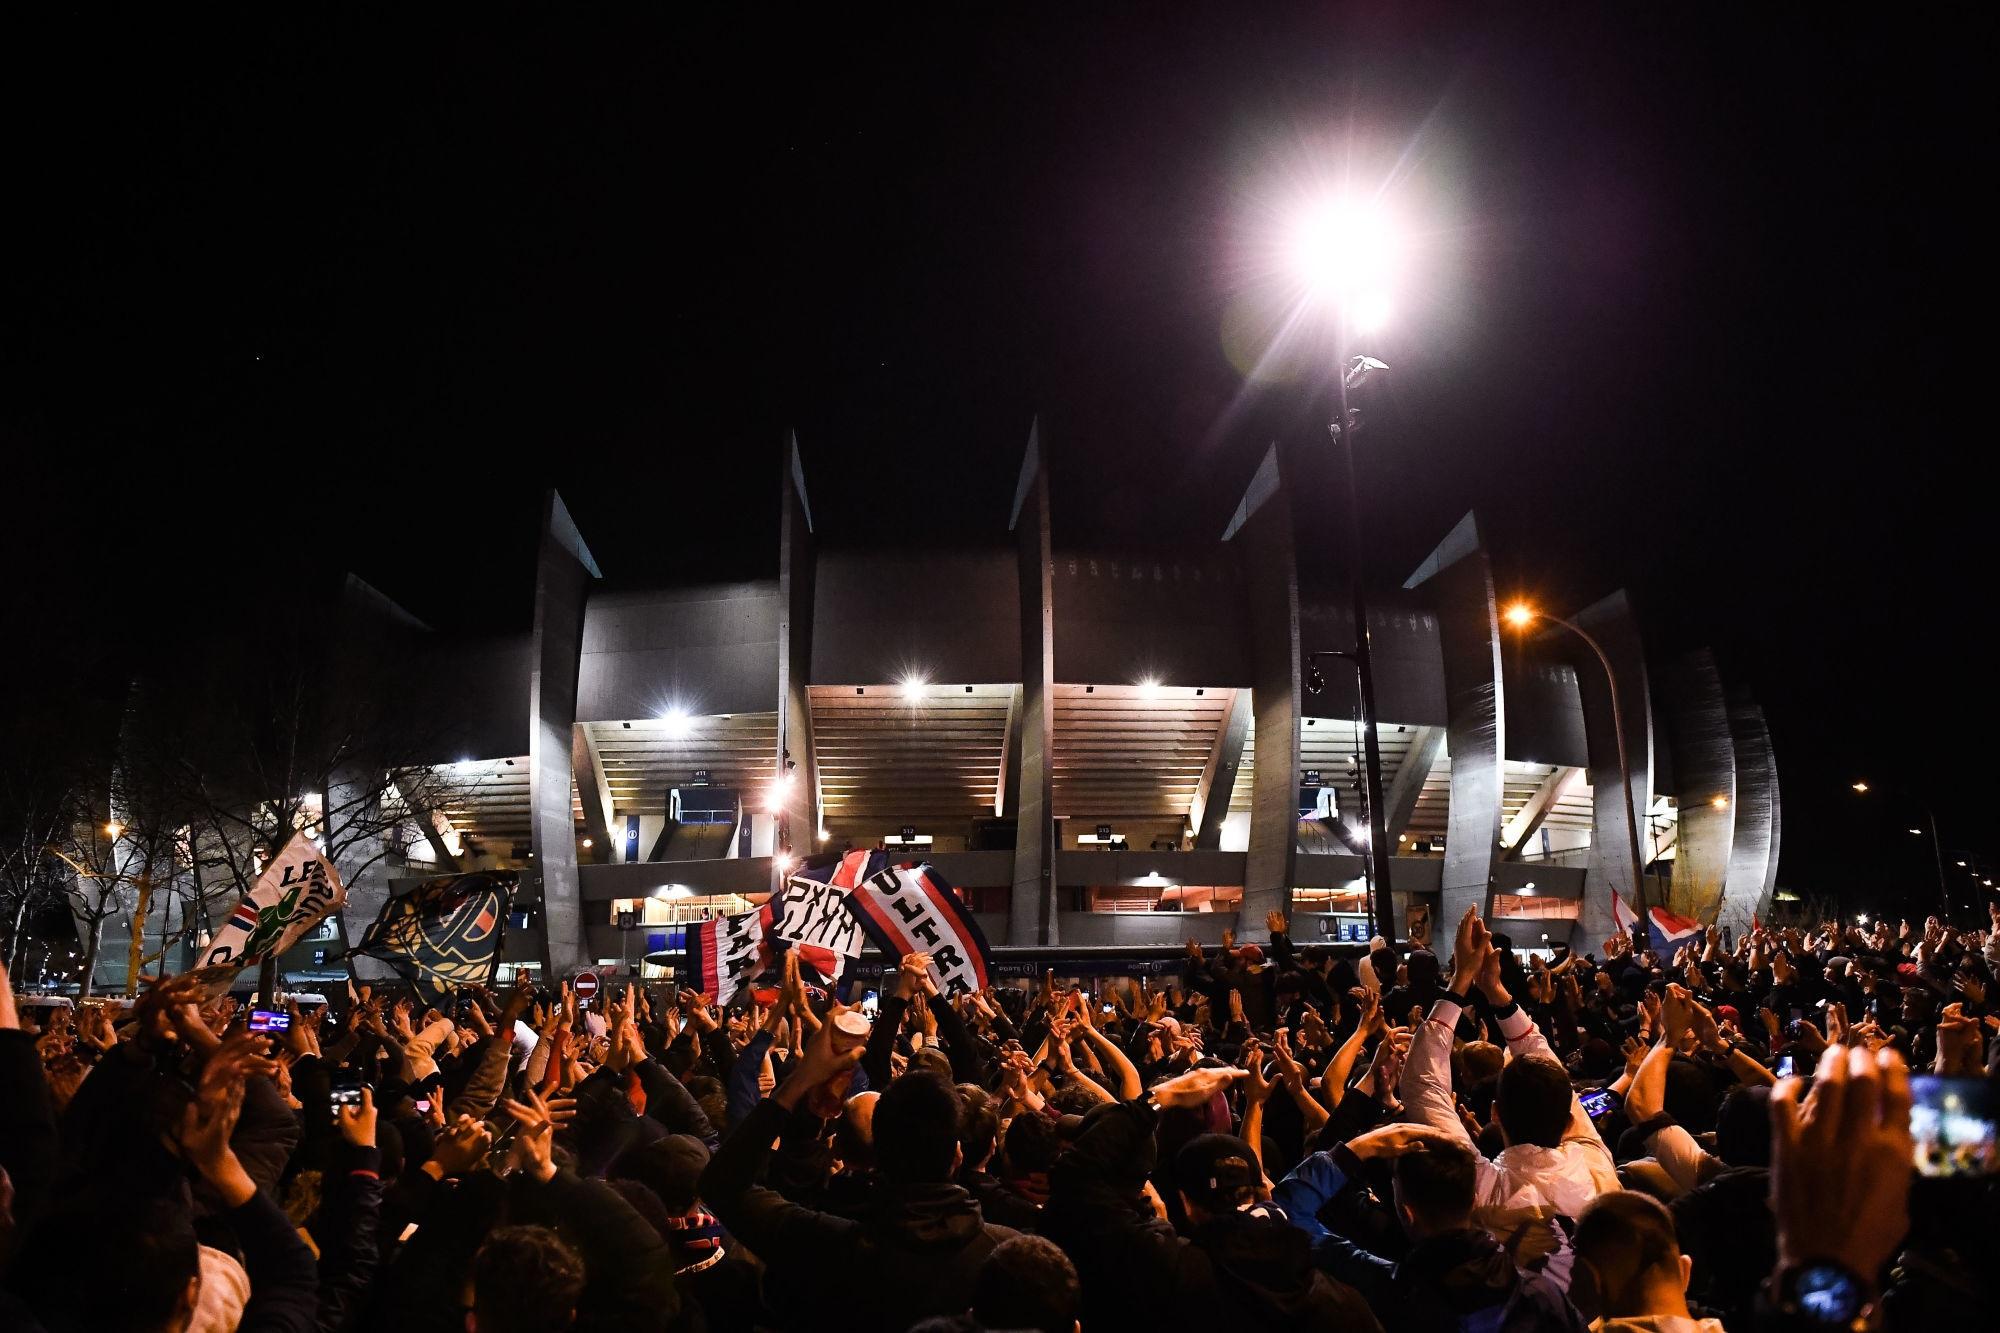 Le Parc des Princes 29e stade le plus chaud au monde, d'après France Football